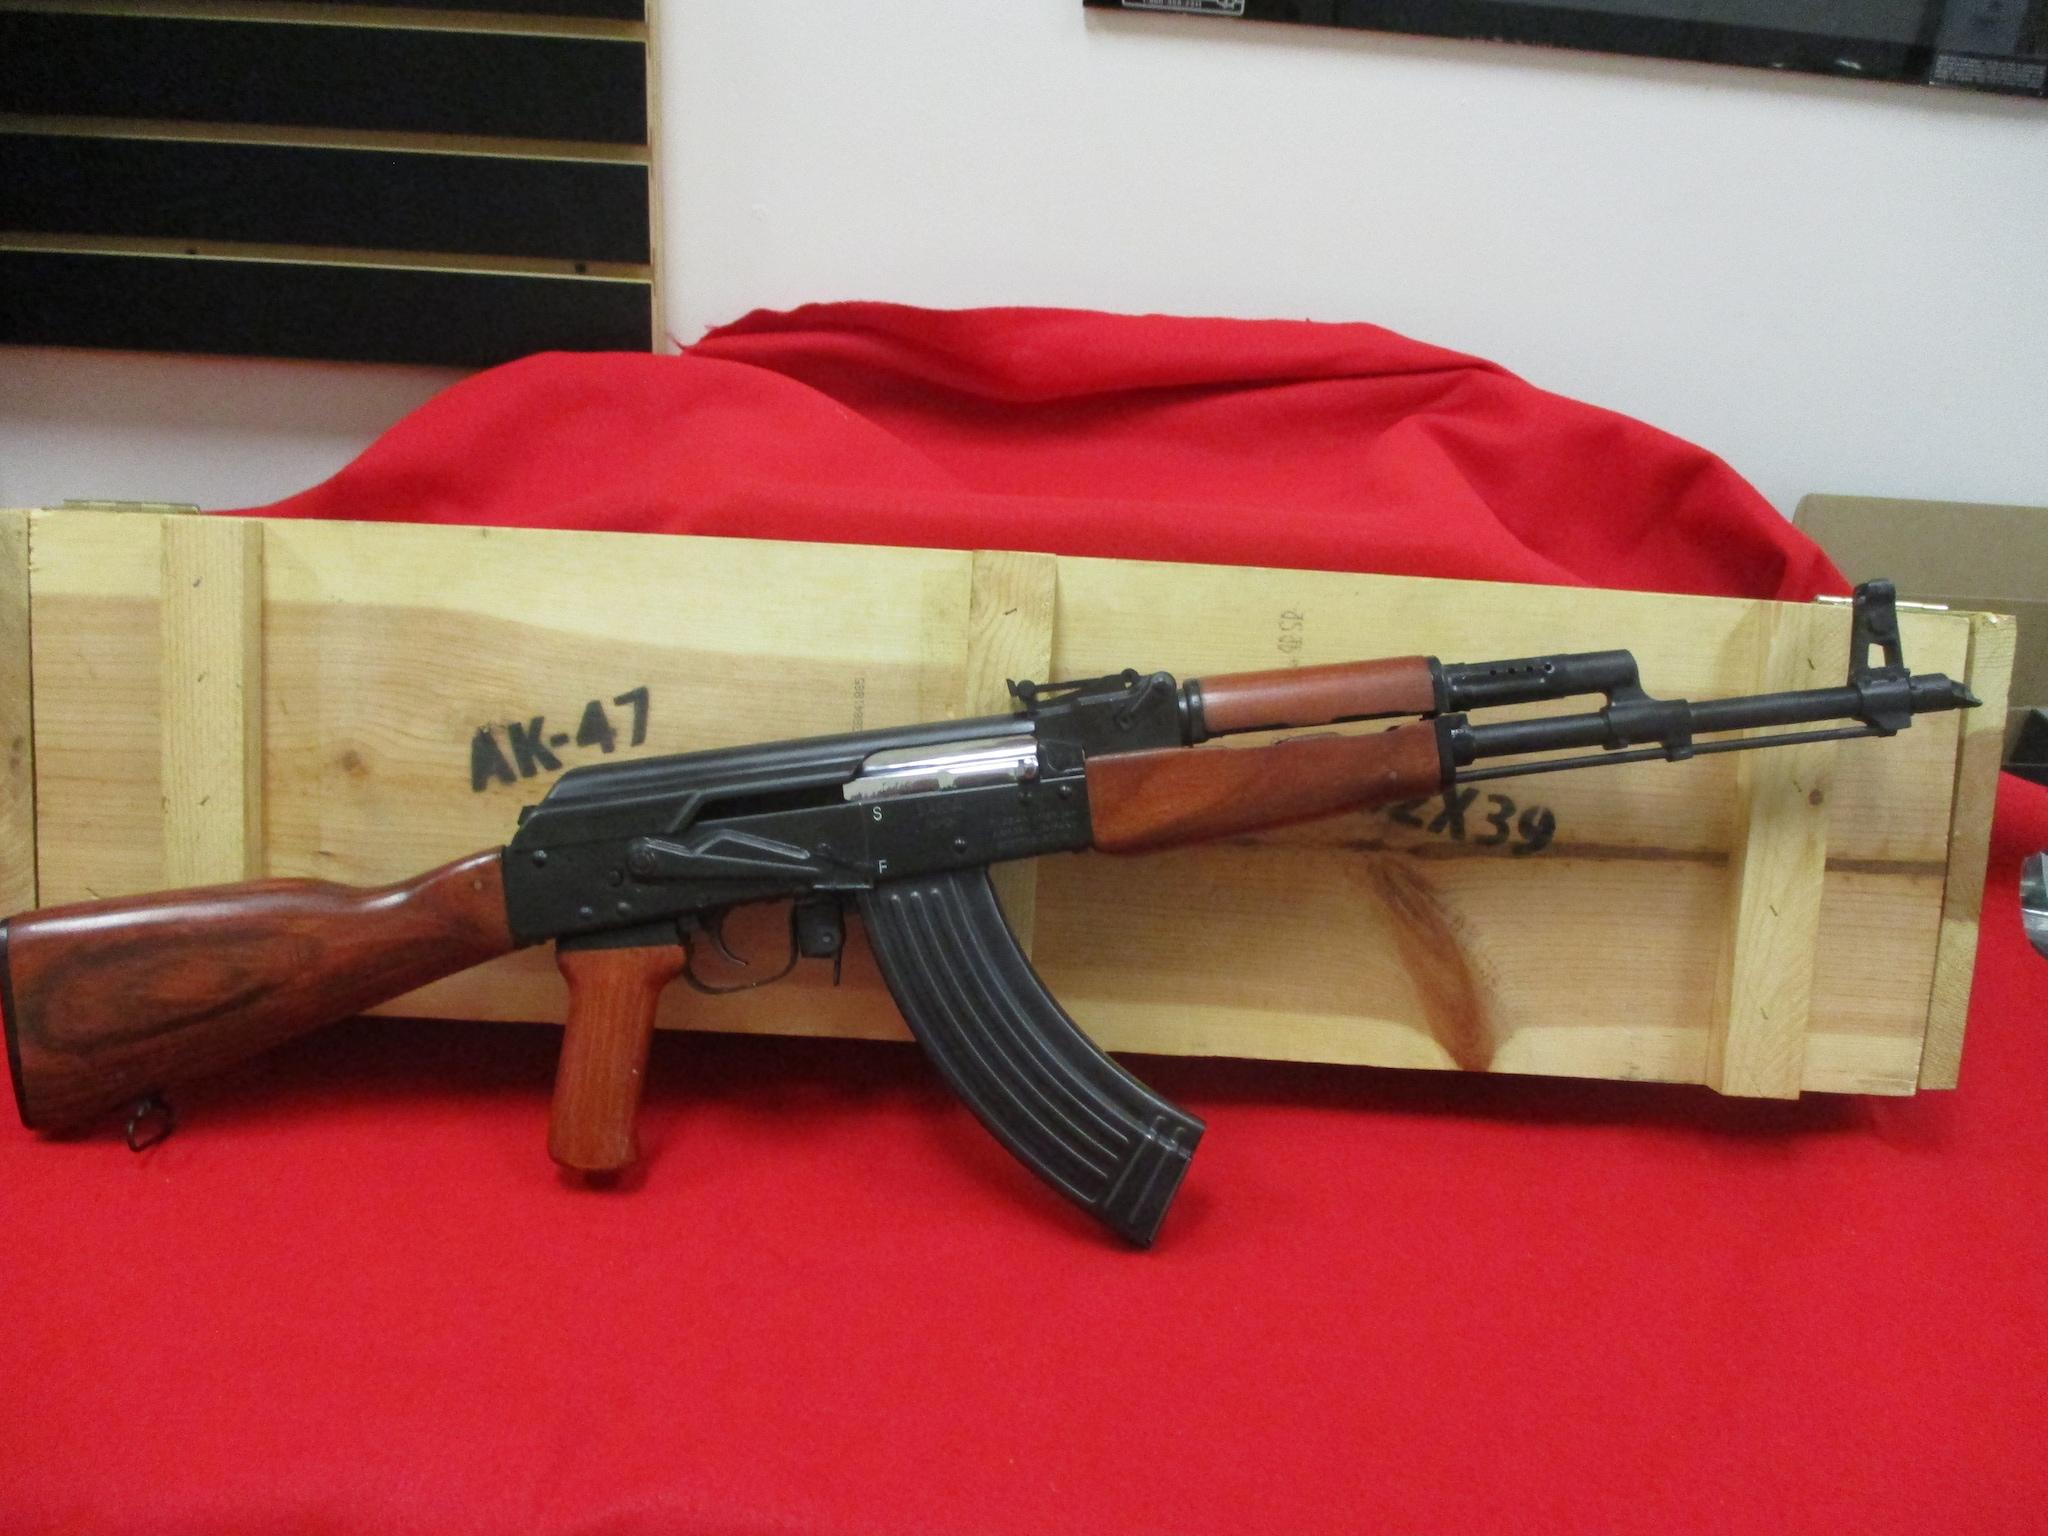 SAIGA AK-47